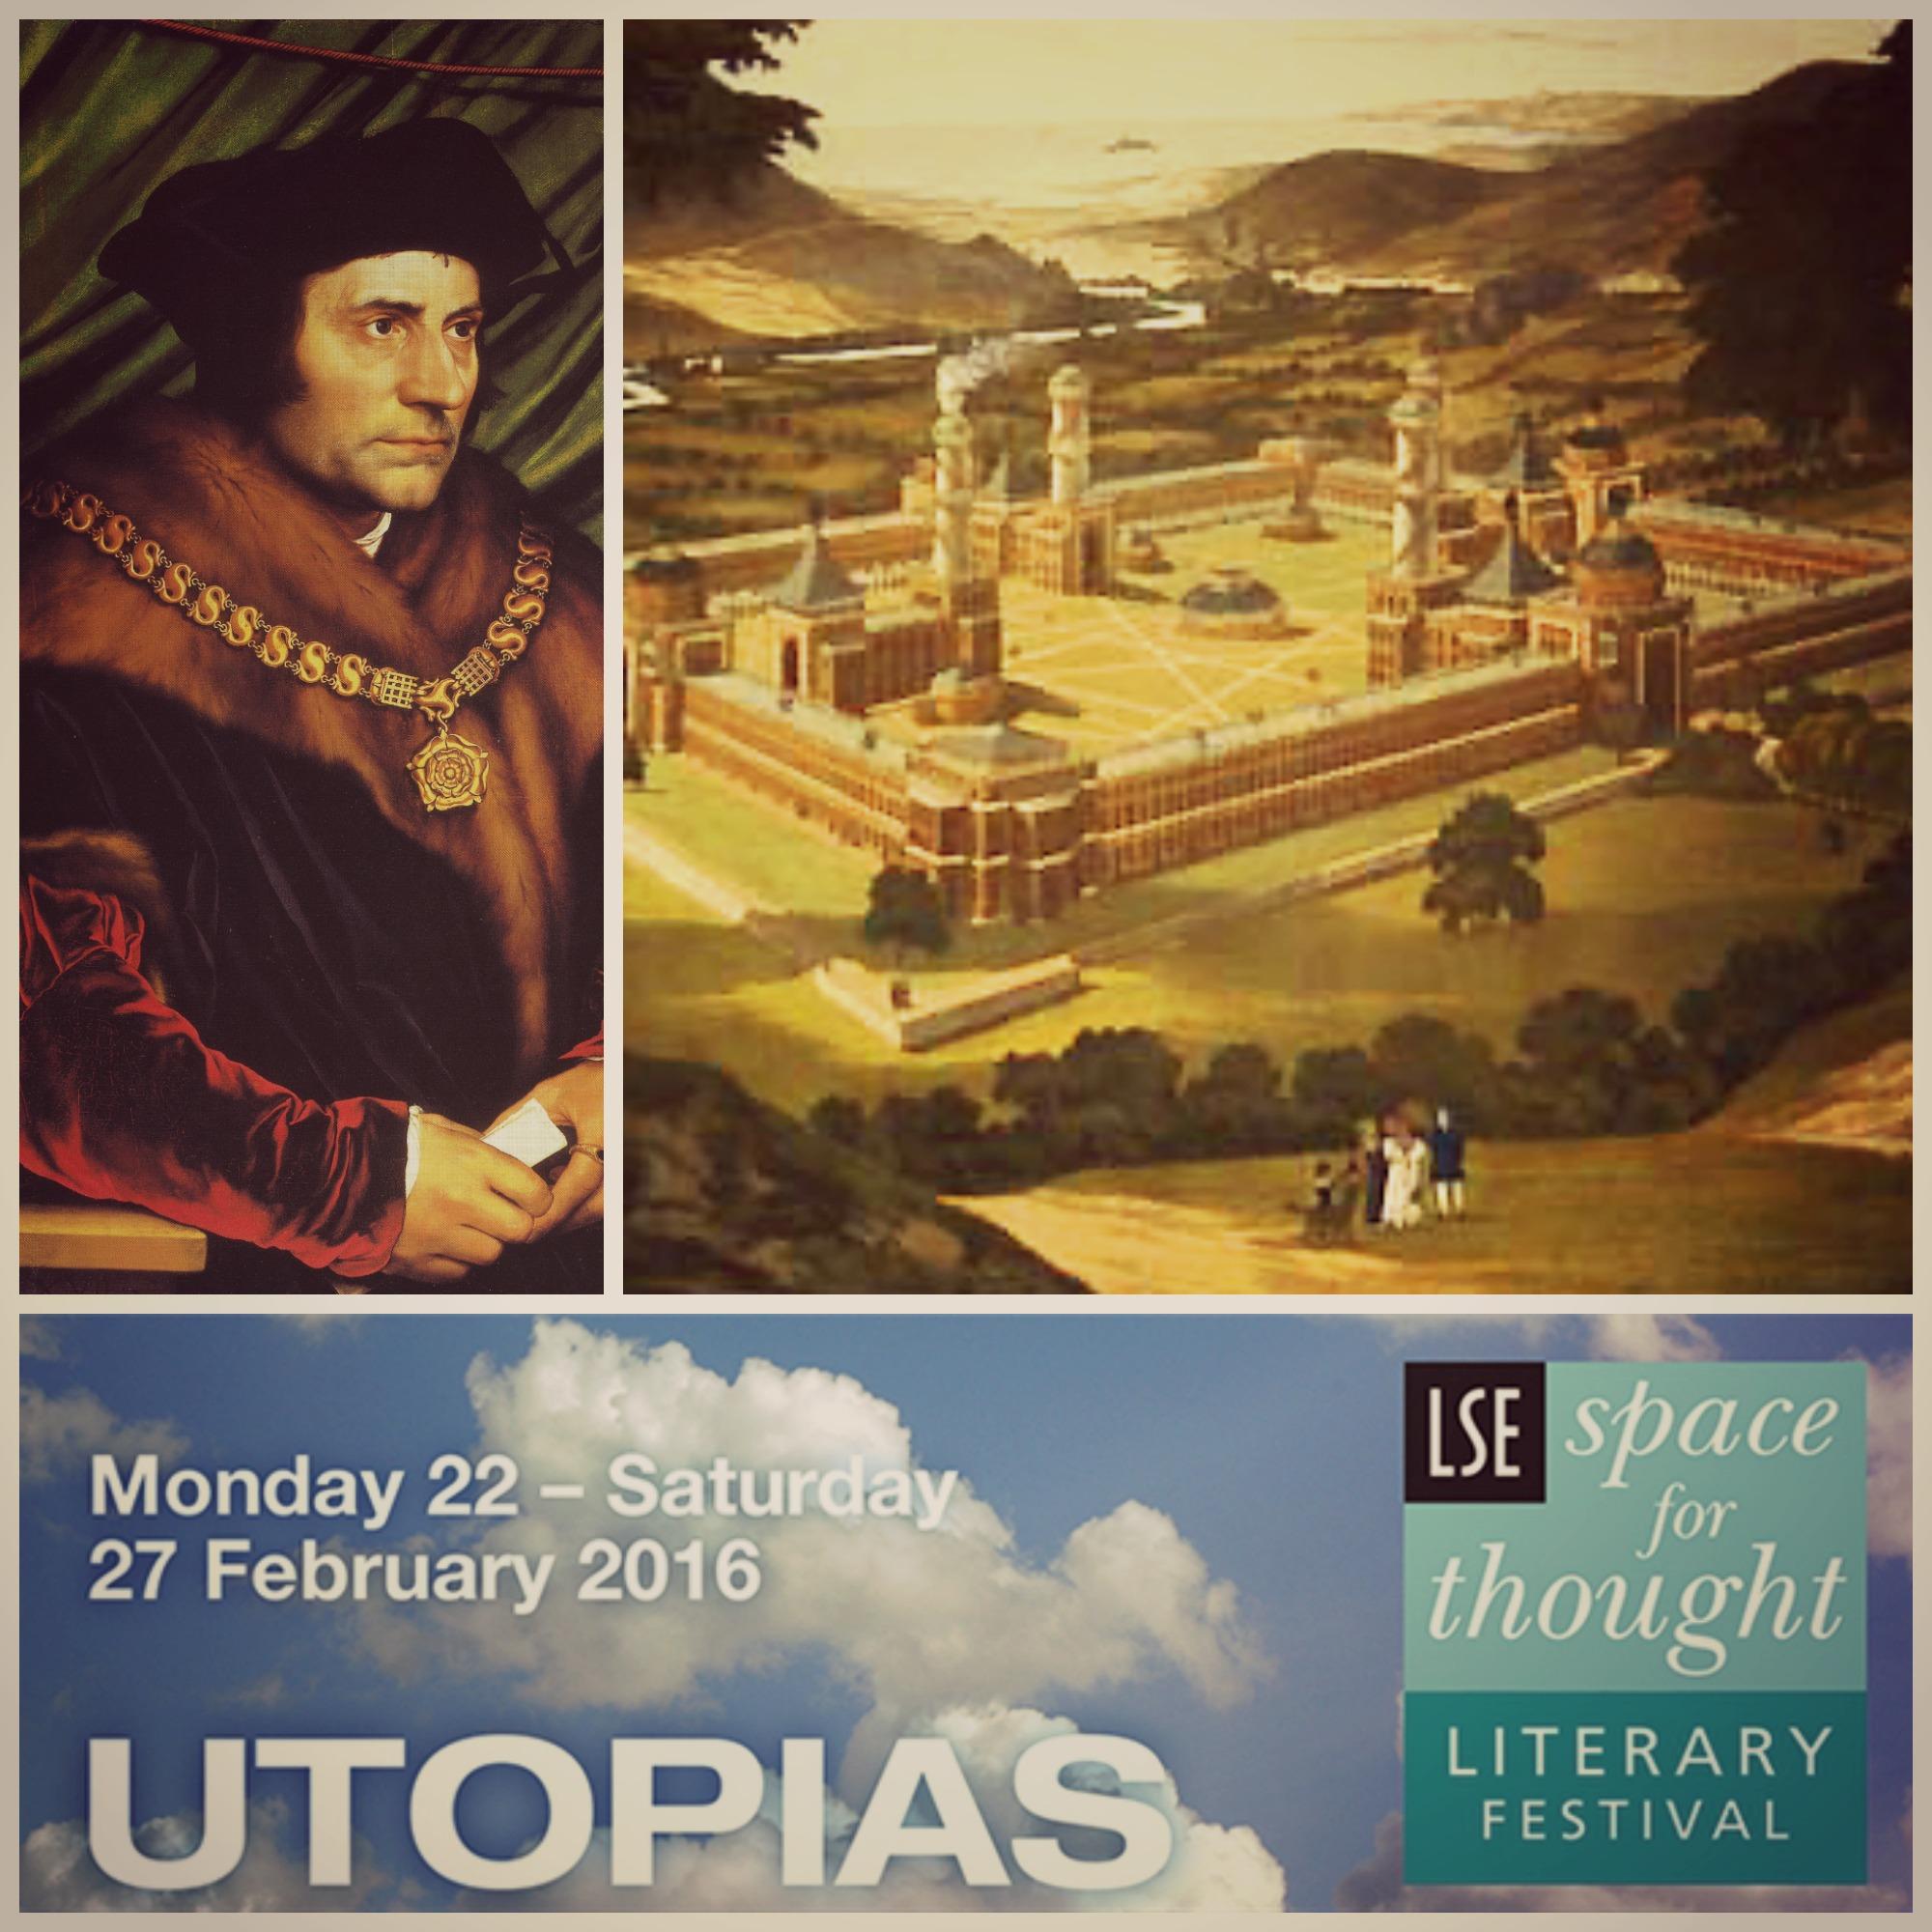 utopias collage